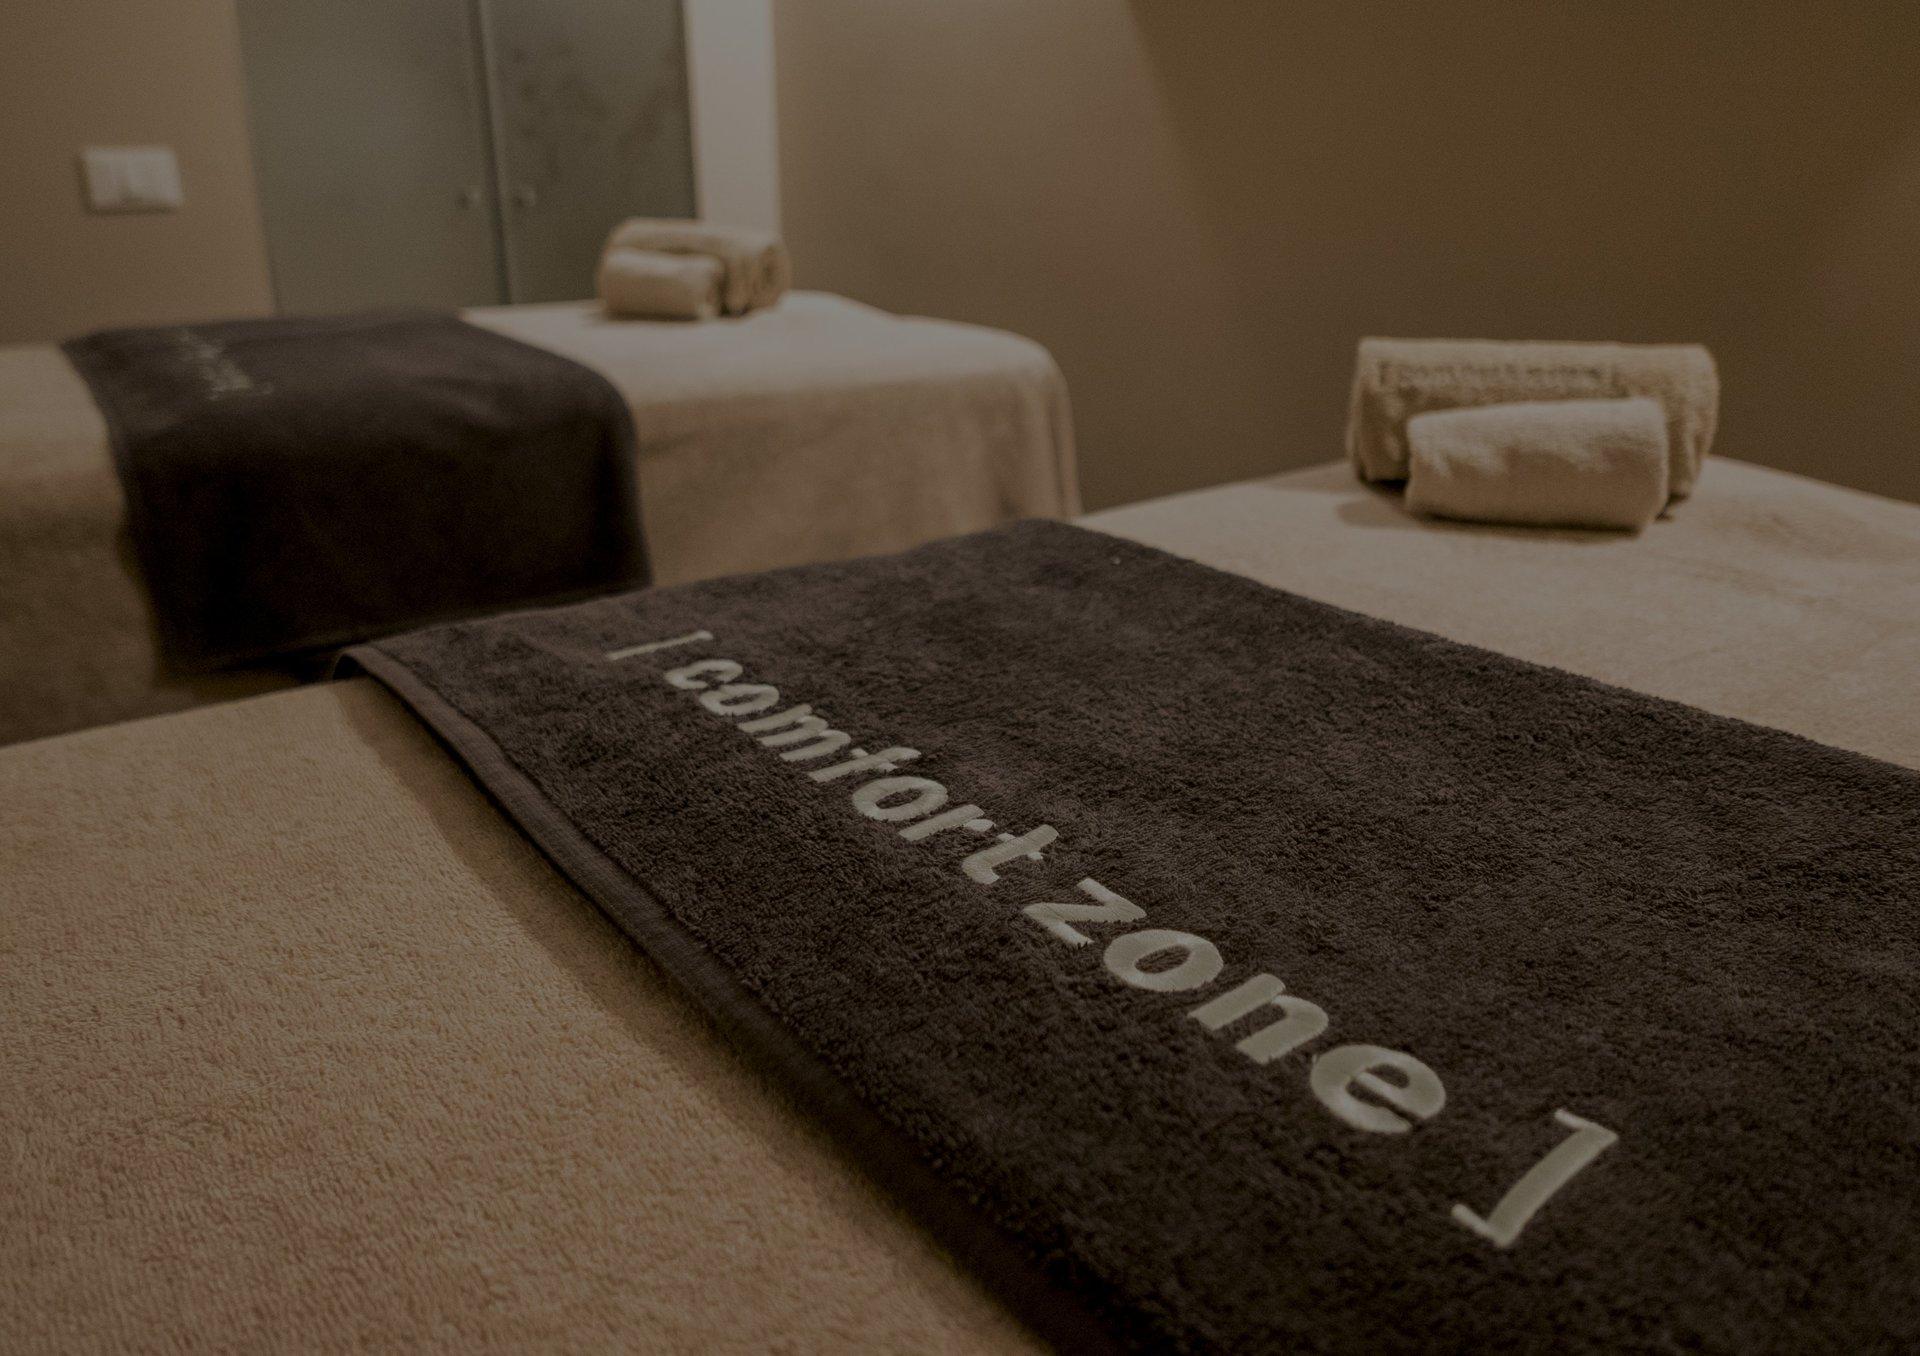 Lettini con asciugamani per massaggi